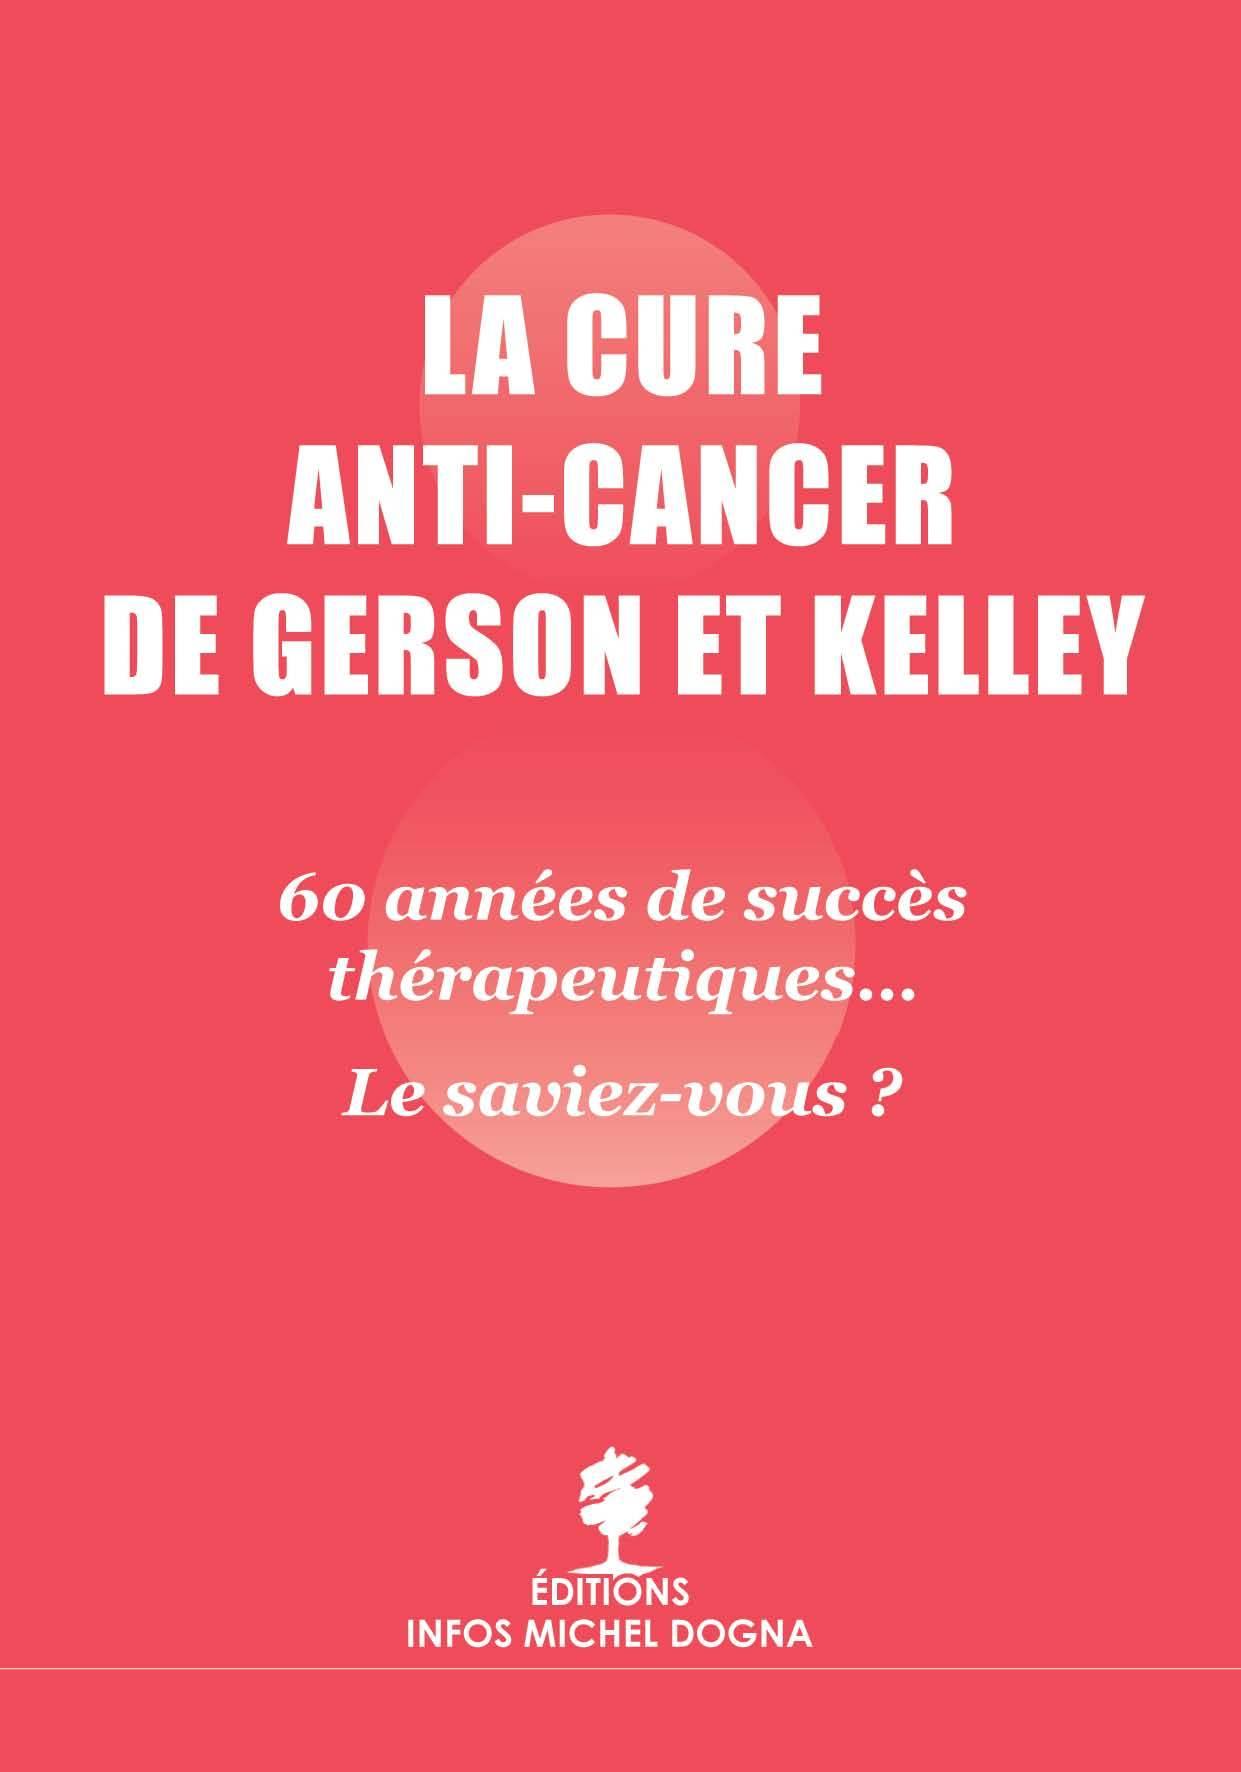 LA CURE ANTI CANCER DE GERSON ET KELLEY